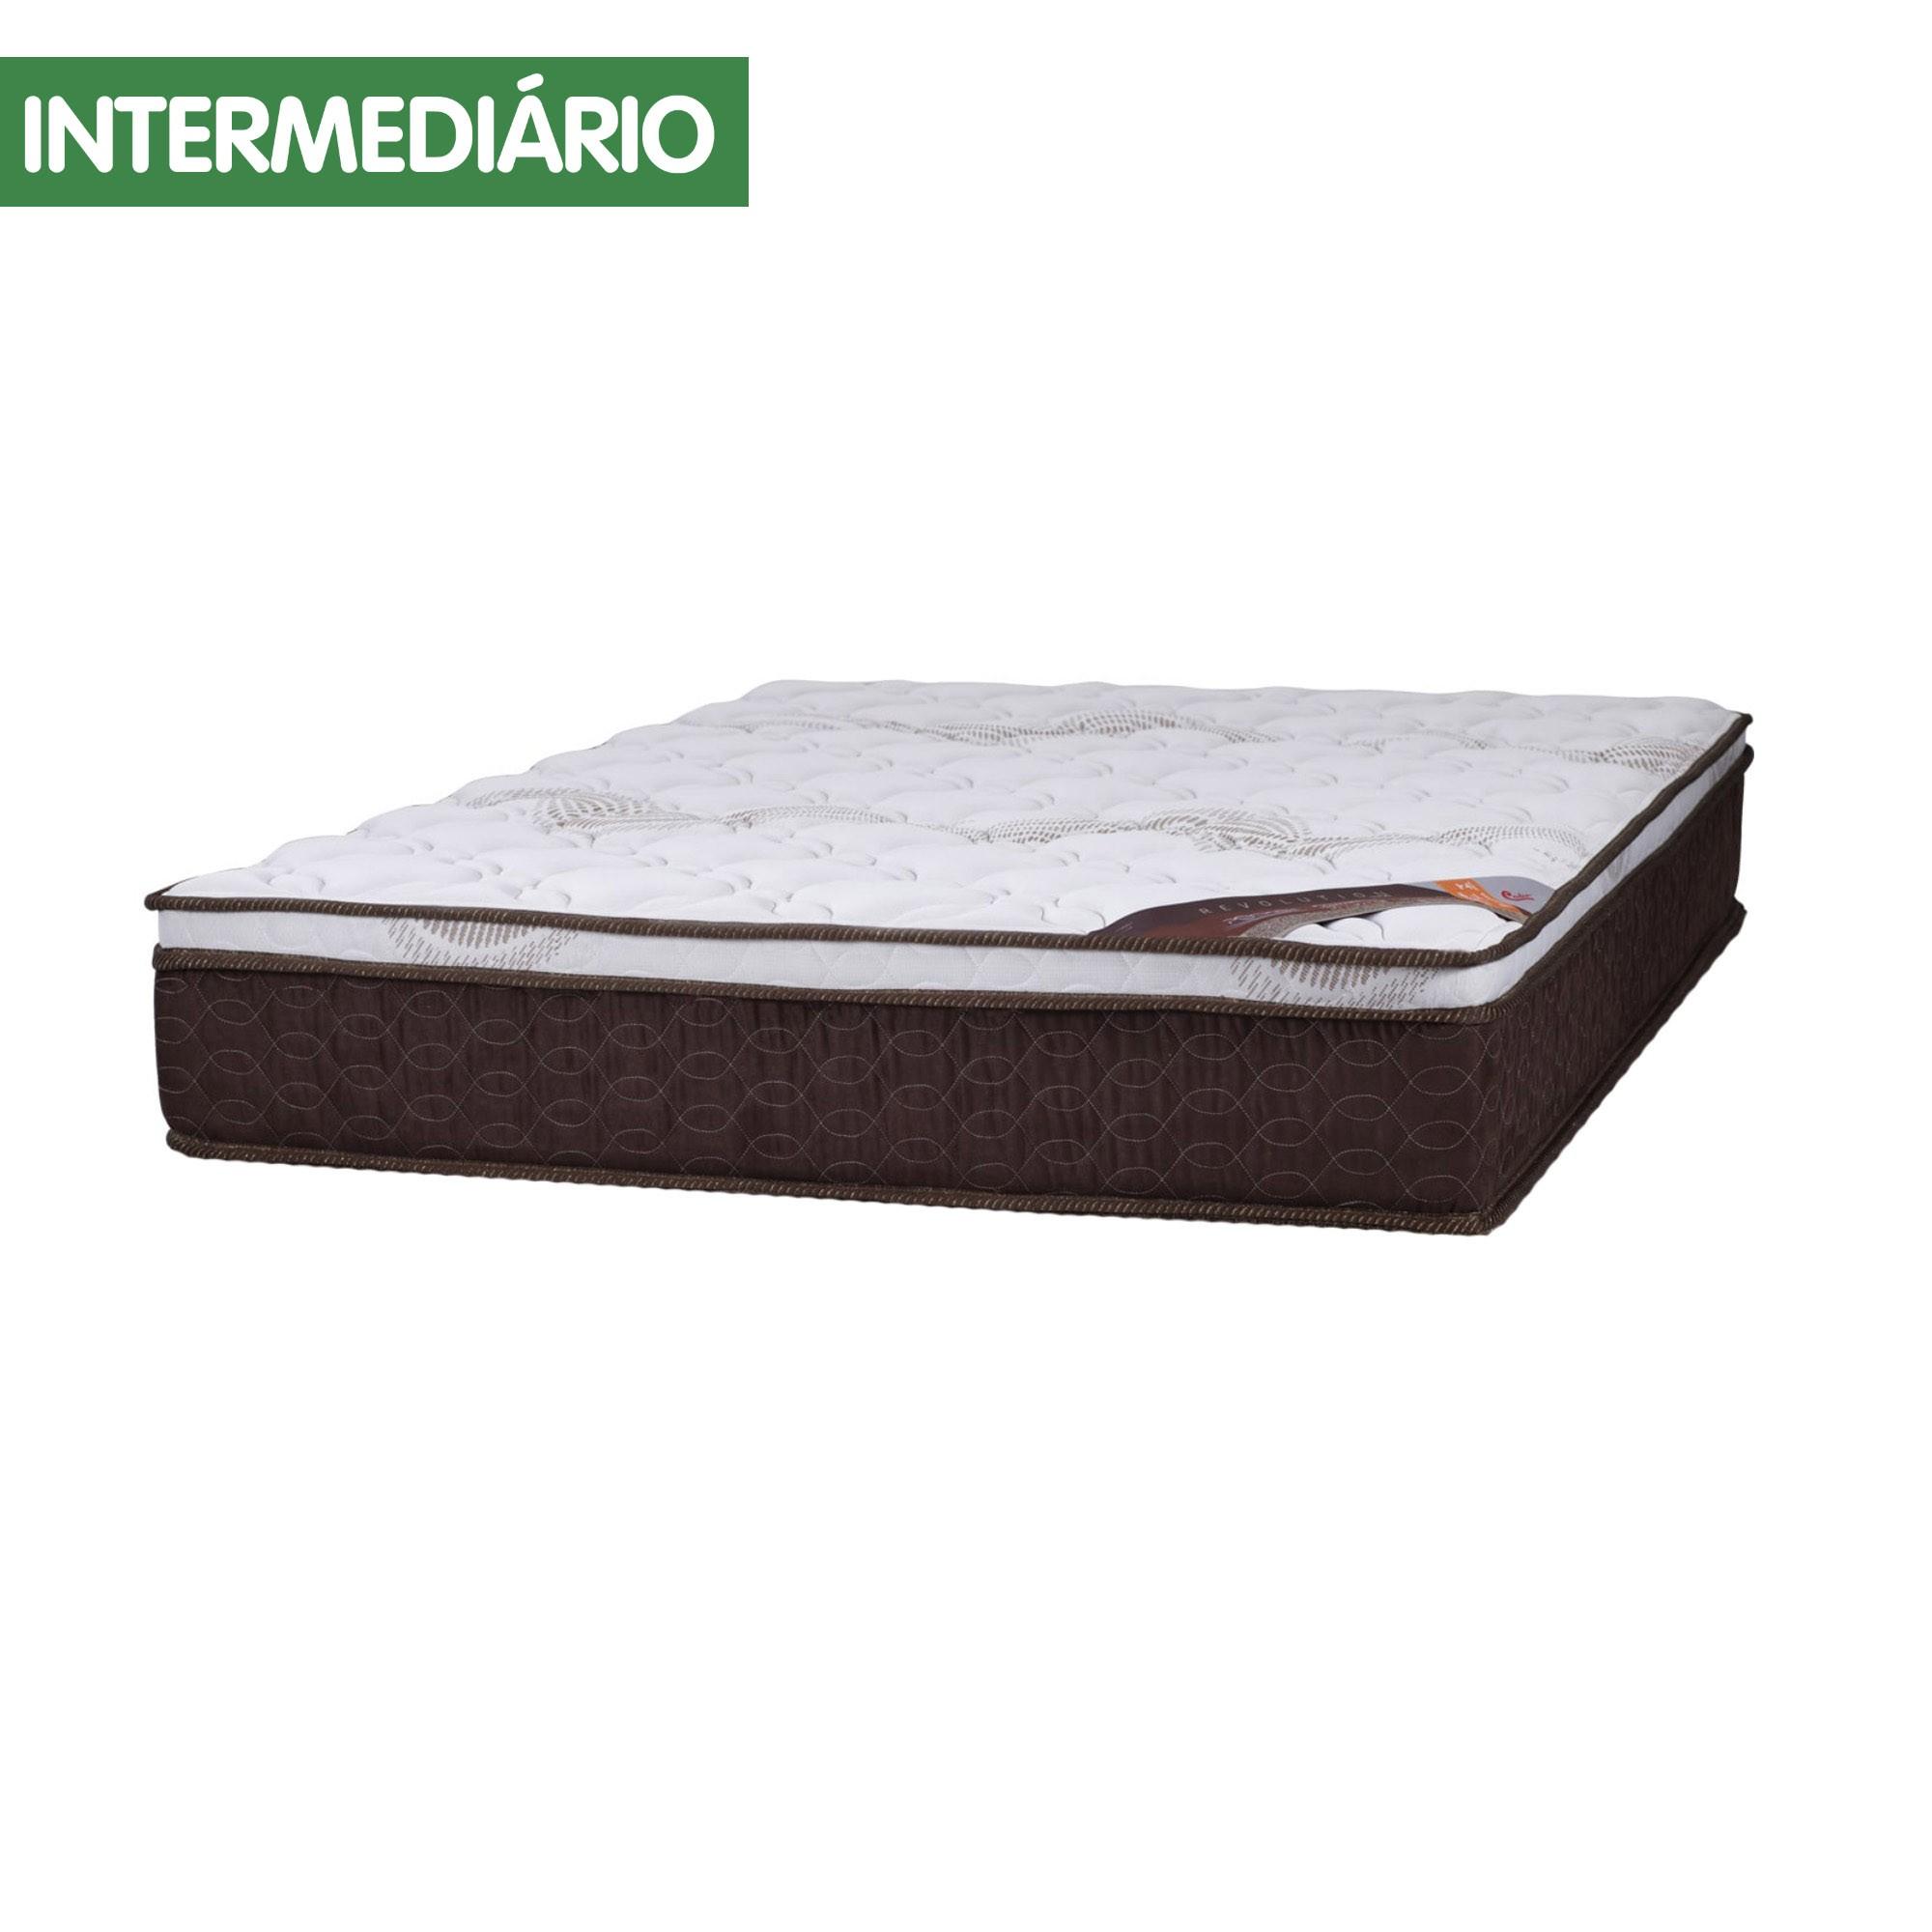 Colchão Castor Revolution Pocket 30 cm [Viúva 120 x 203 cm]